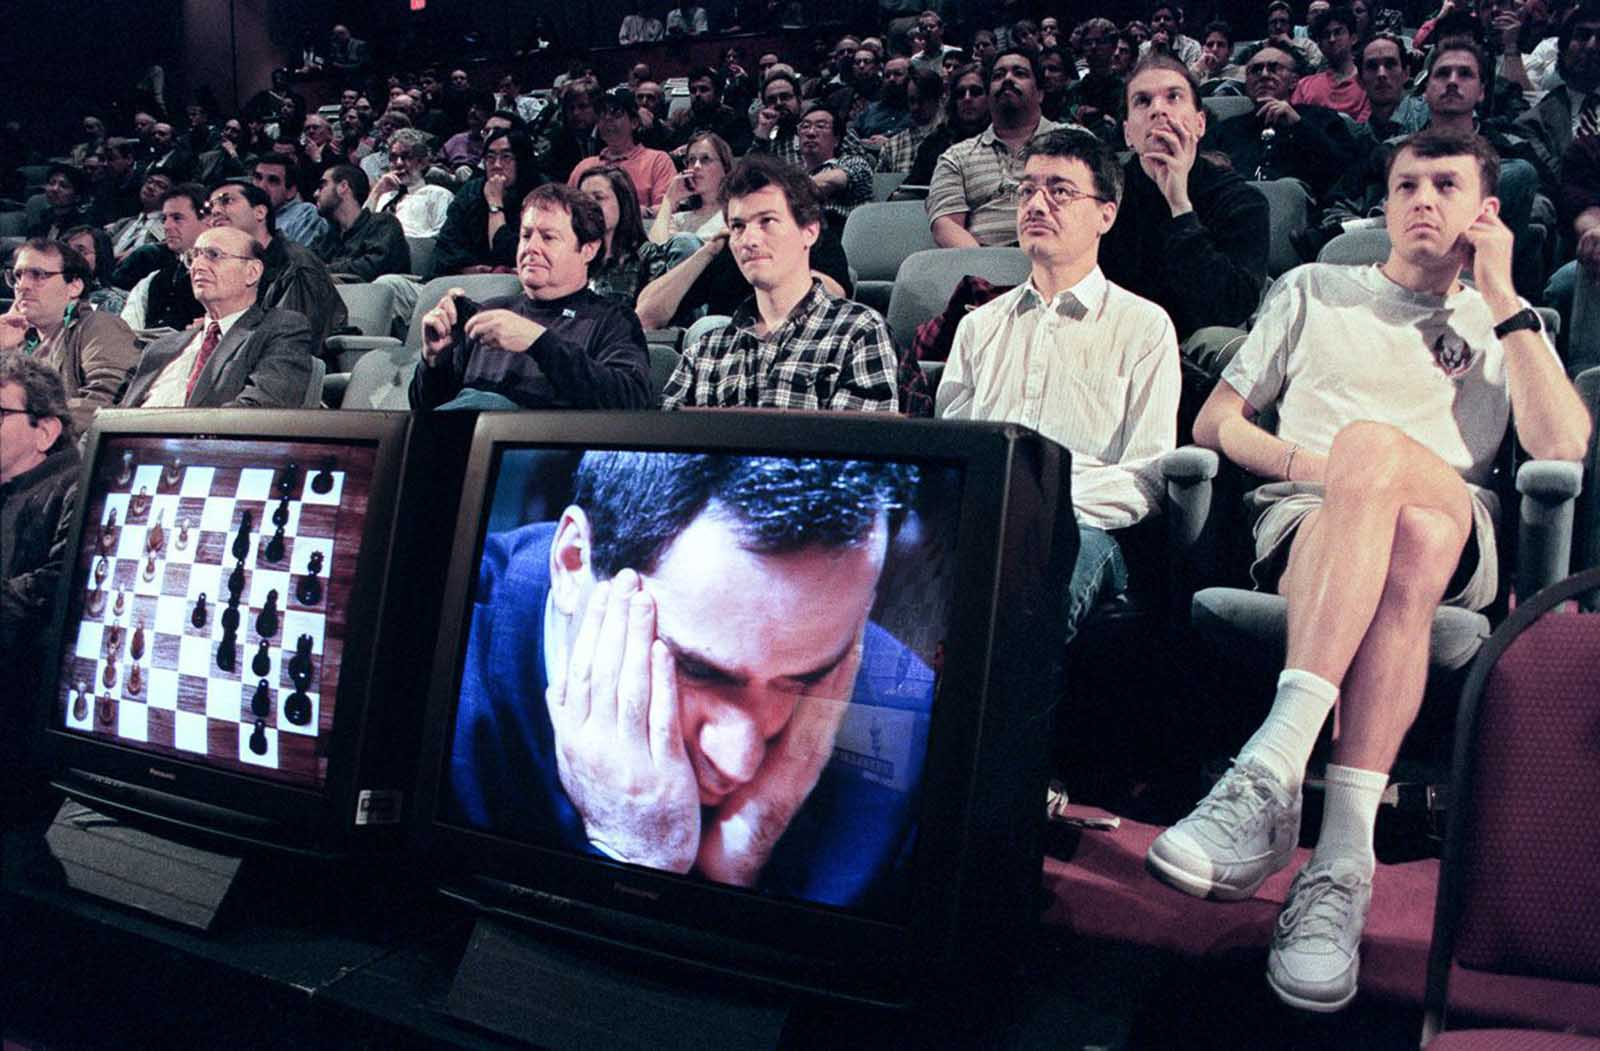 Los espectadores ven una transmisión en vivo del Juego 3.